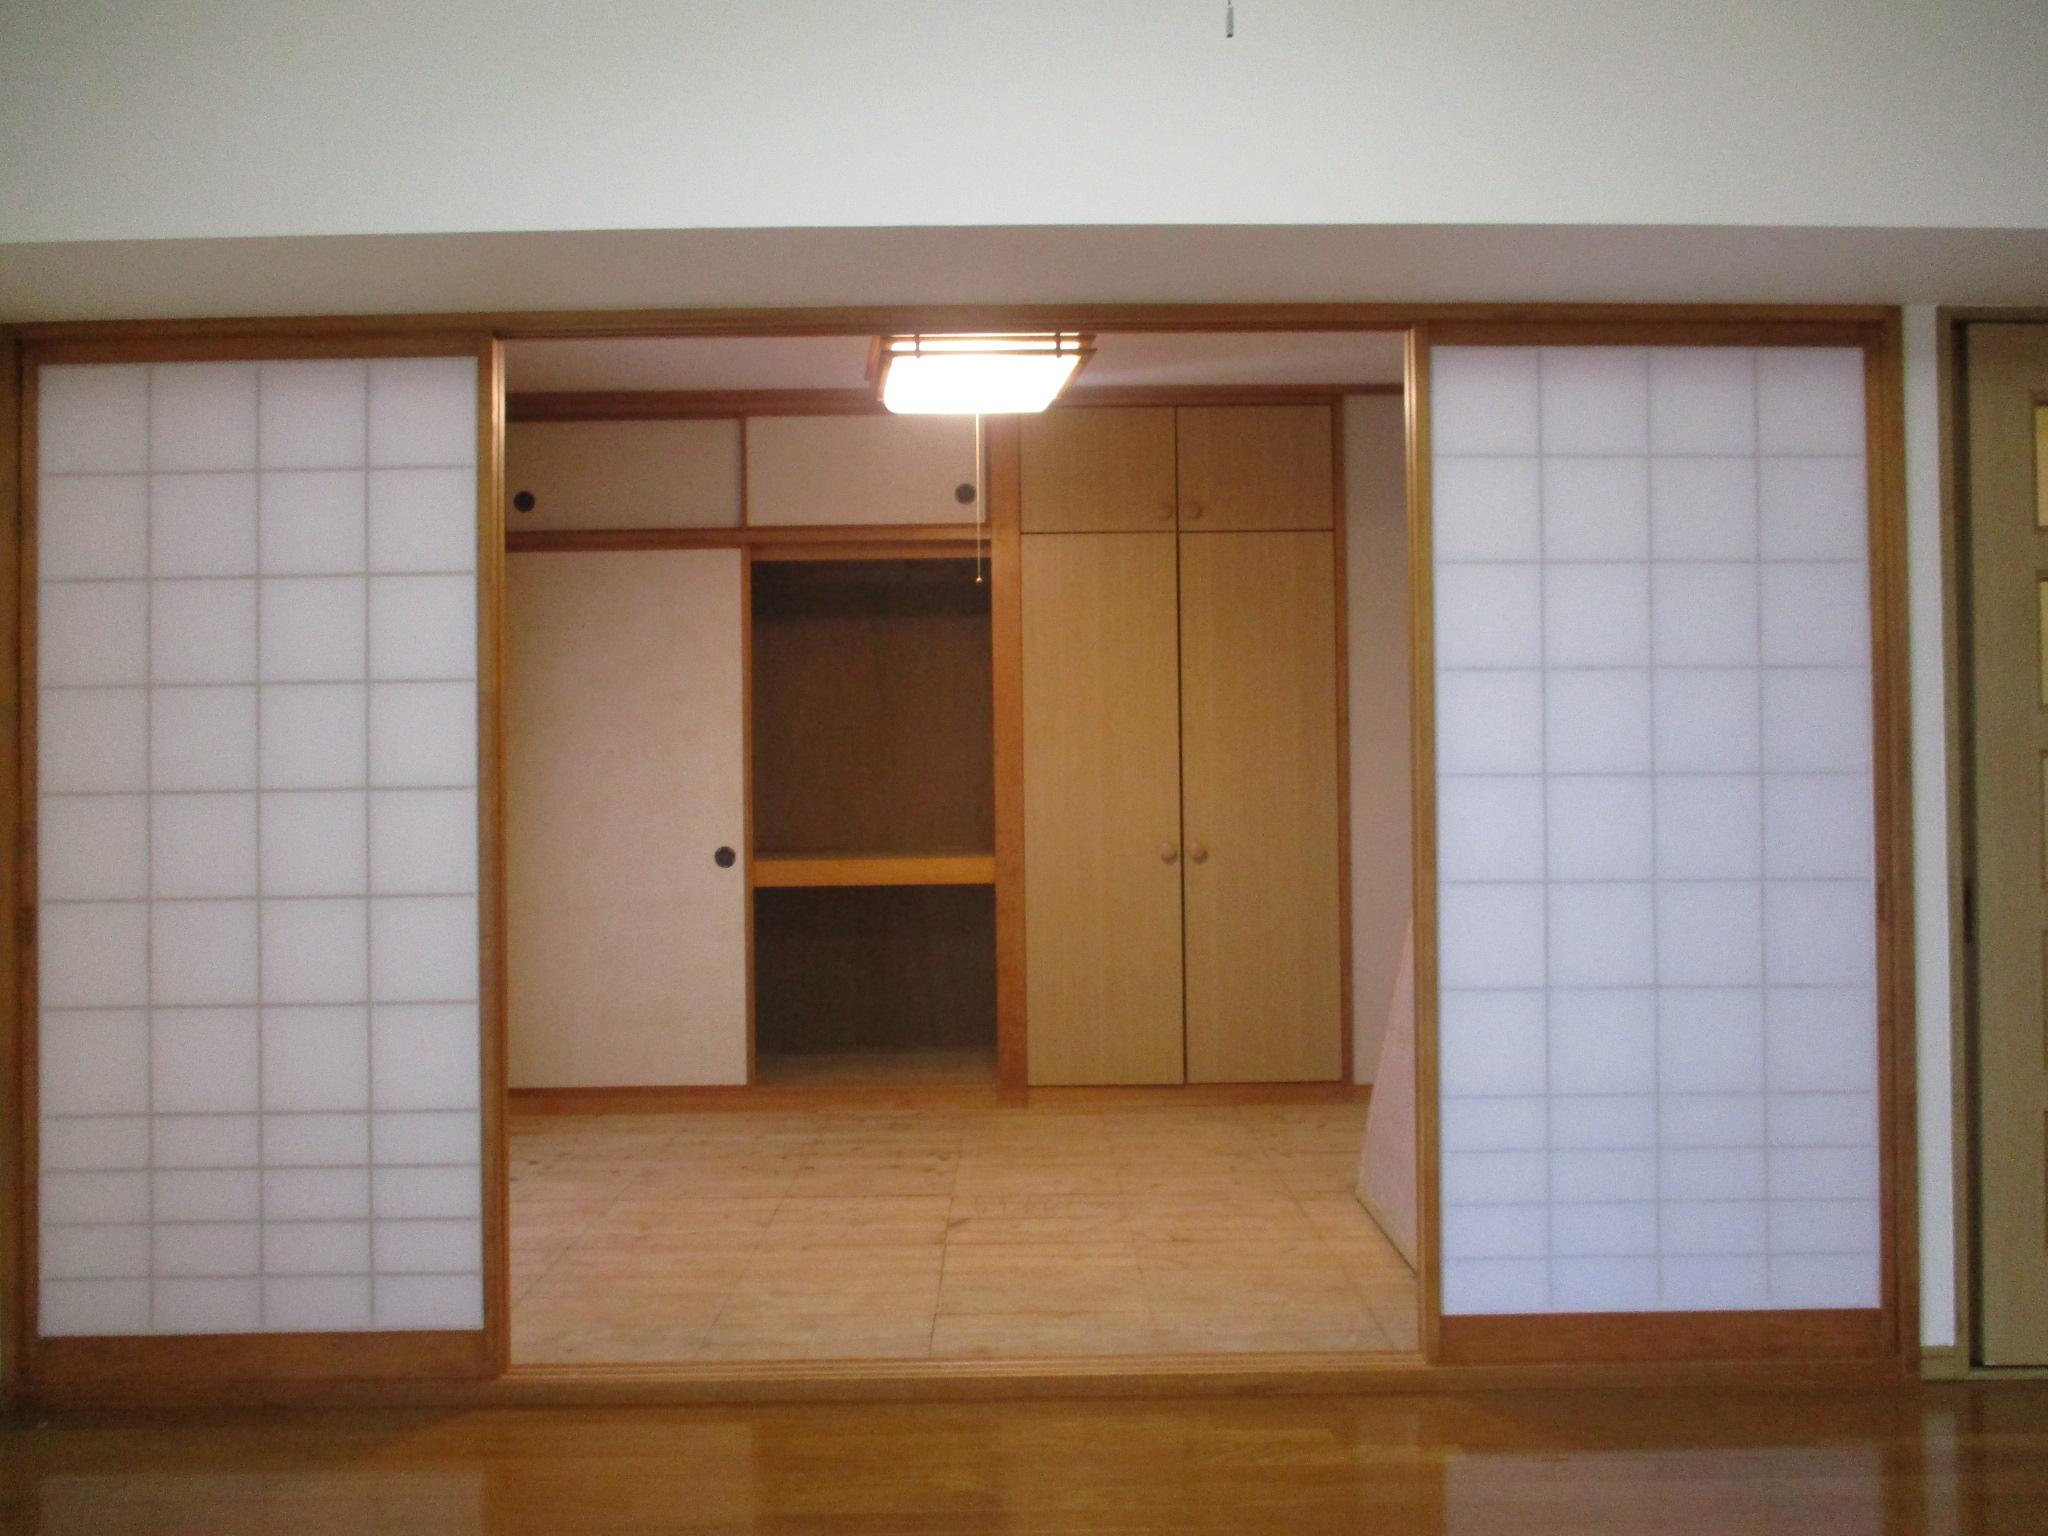 コーポラス志真志Ⅱ参考画像3